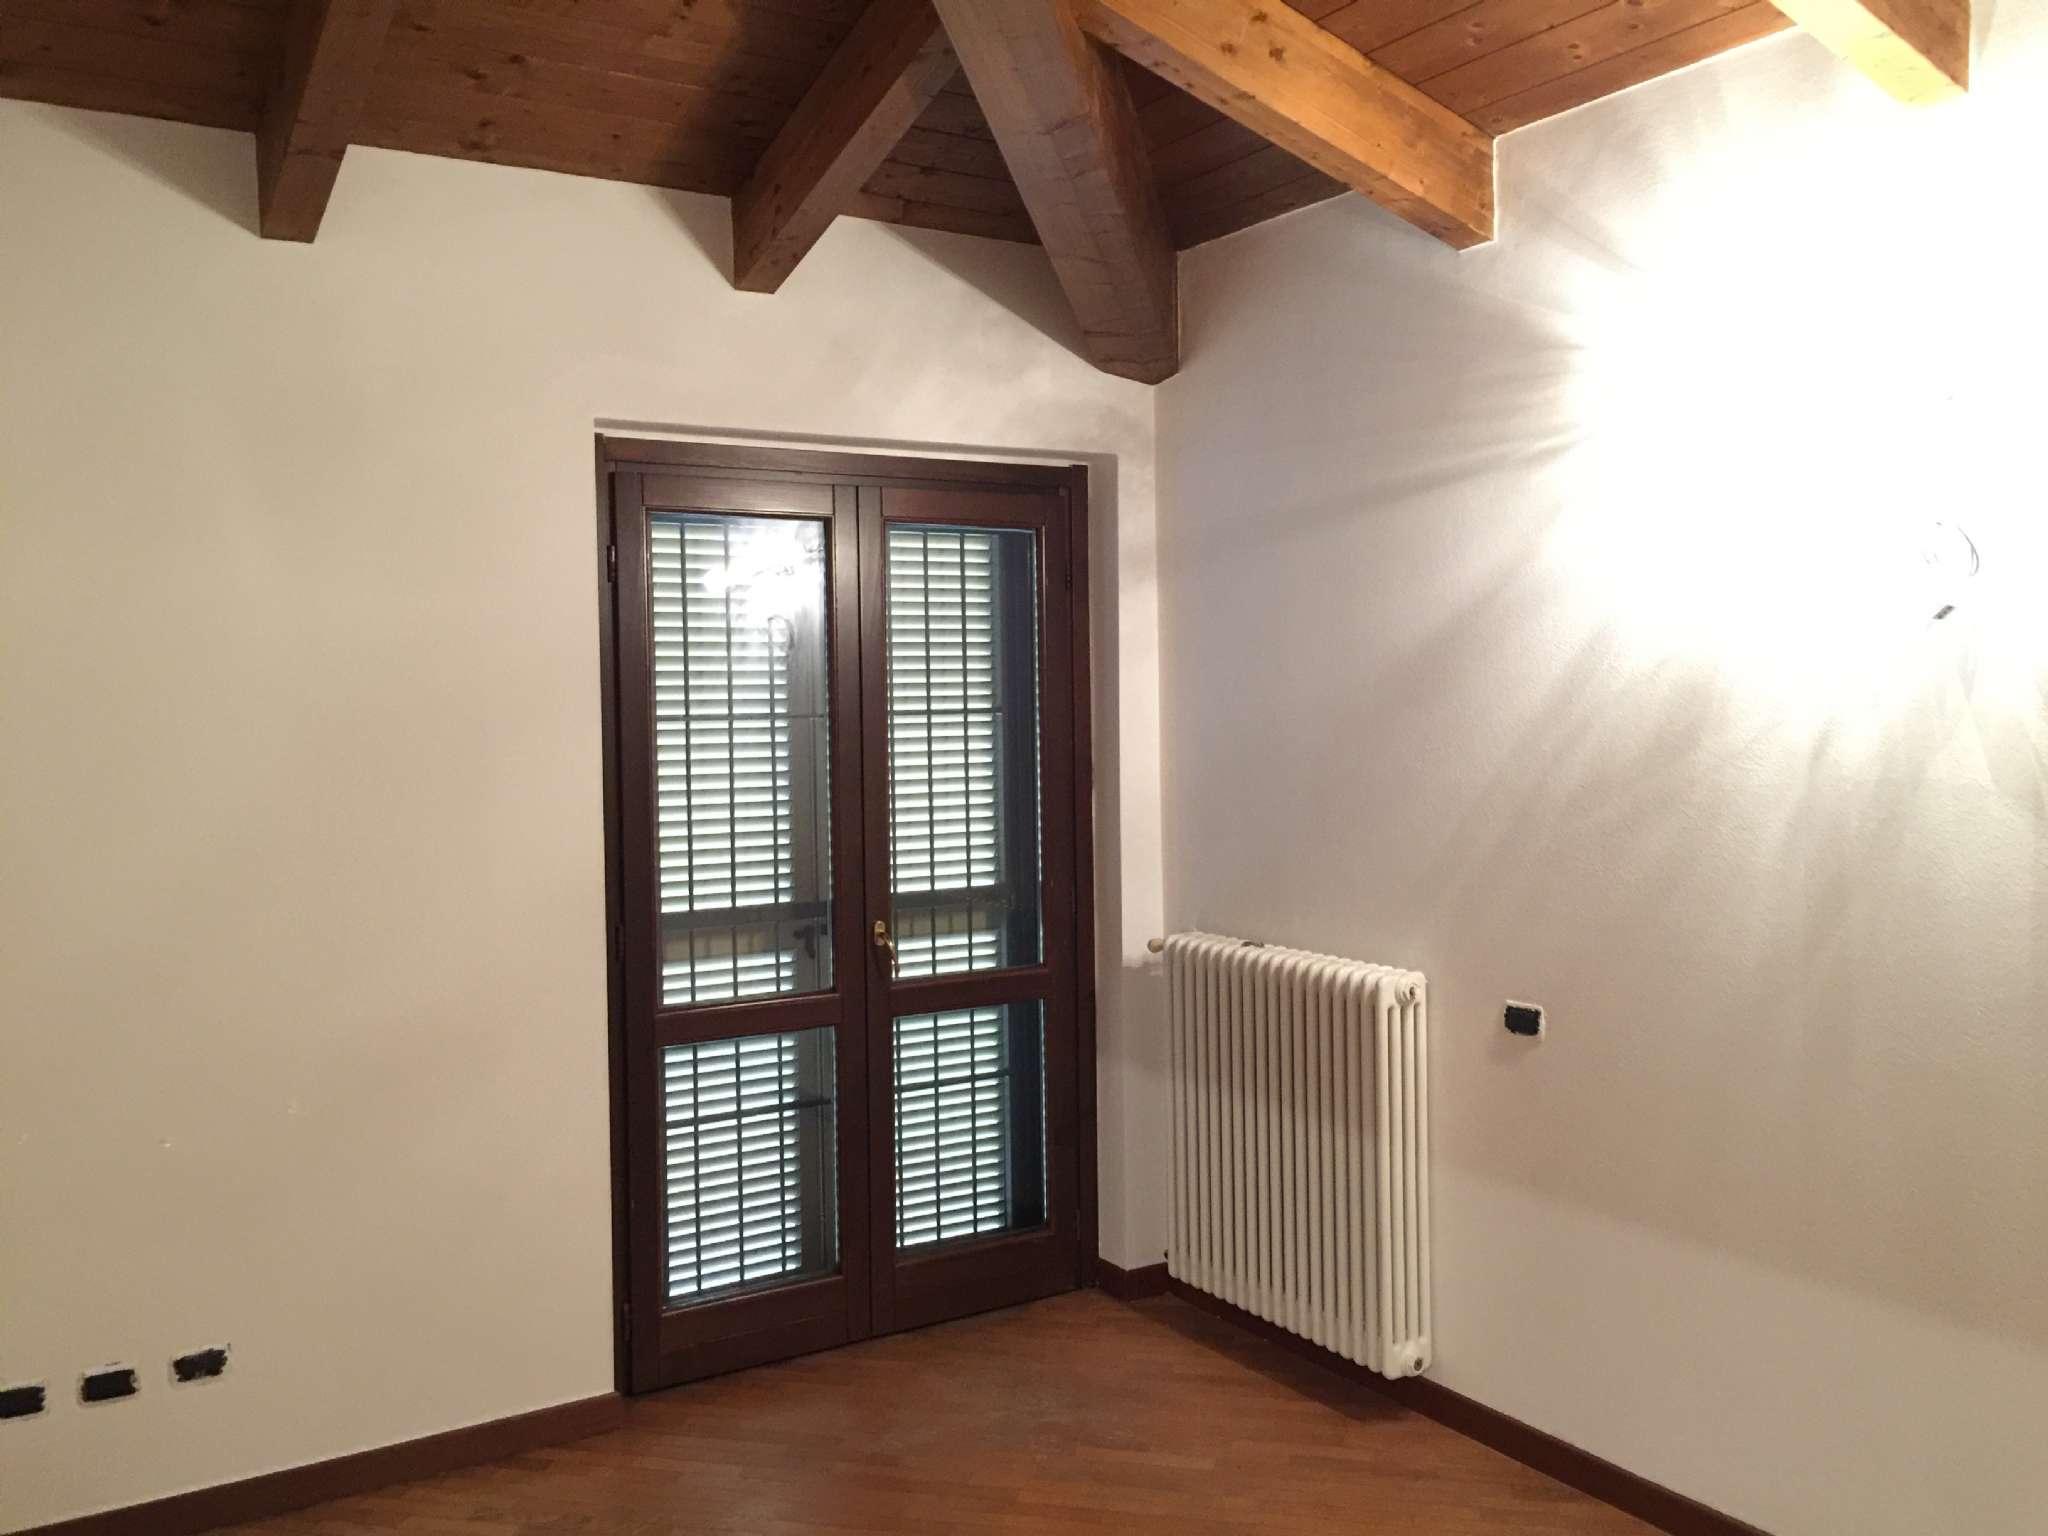 Appartamento in vendita a Alseno, 3 locali, prezzo € 70.000 | CambioCasa.it